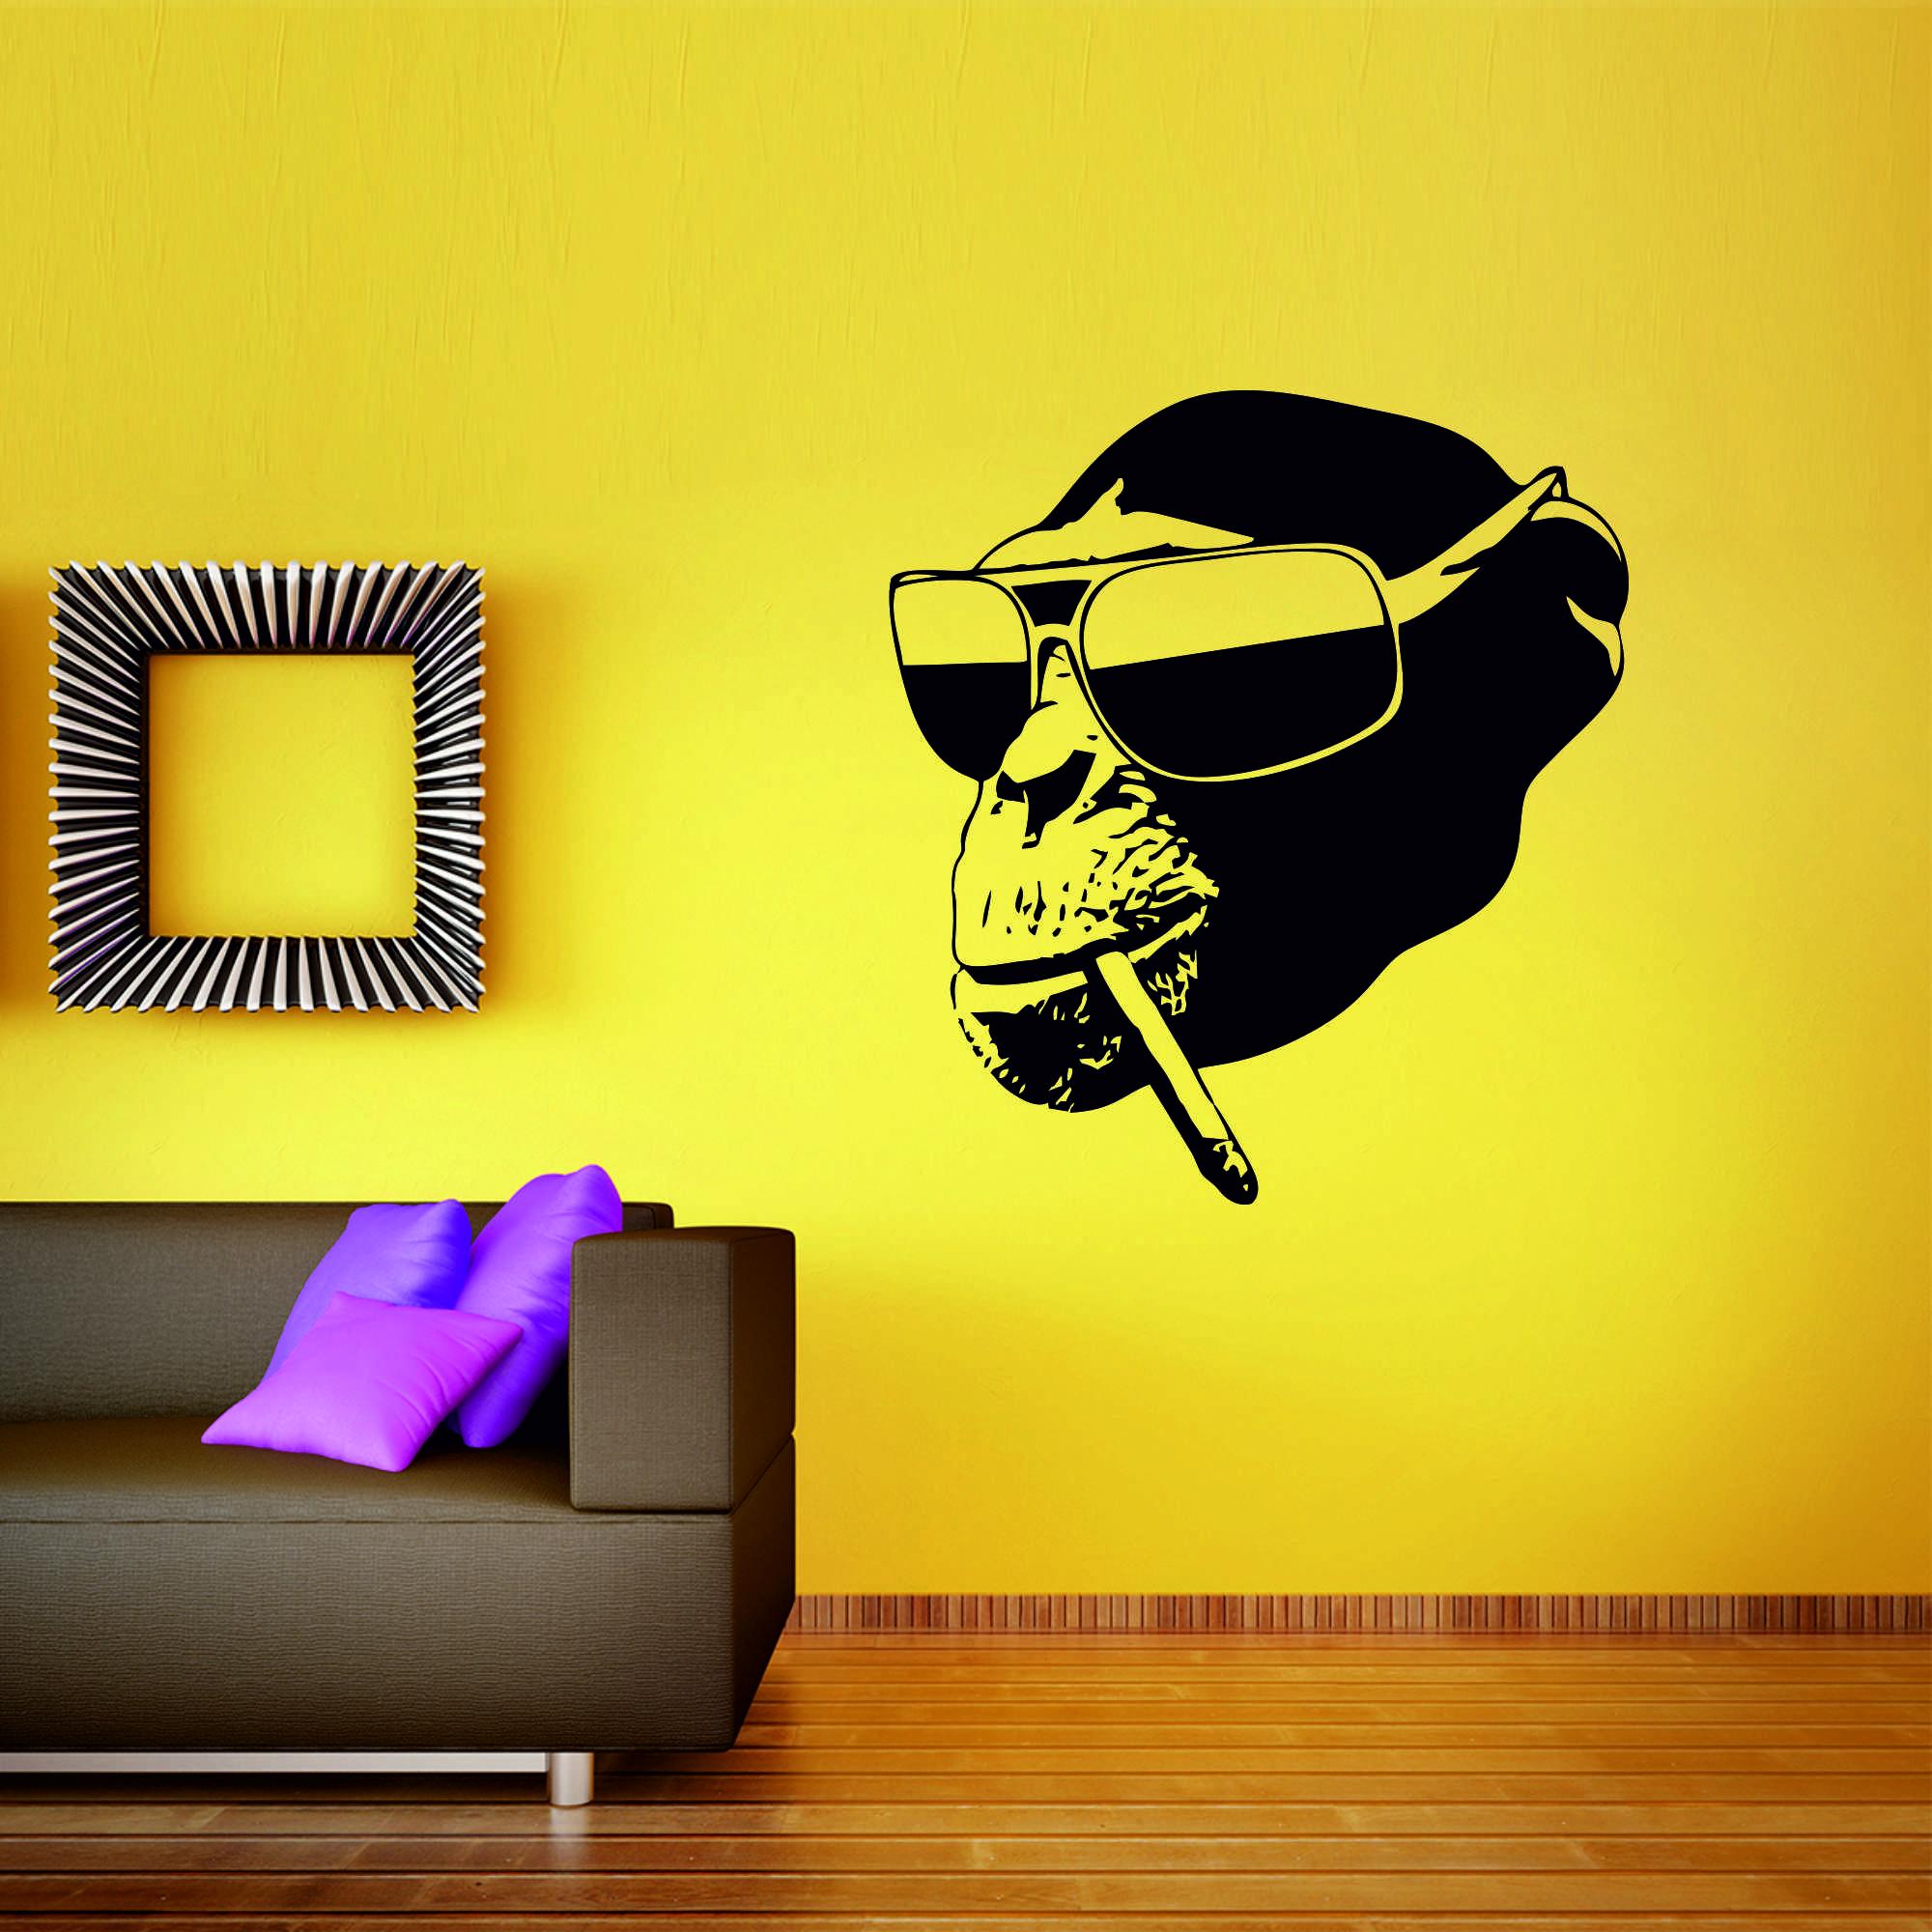 Samolepka na zeď - Opička s cigaretou - 109x120 cm - PopyDesign